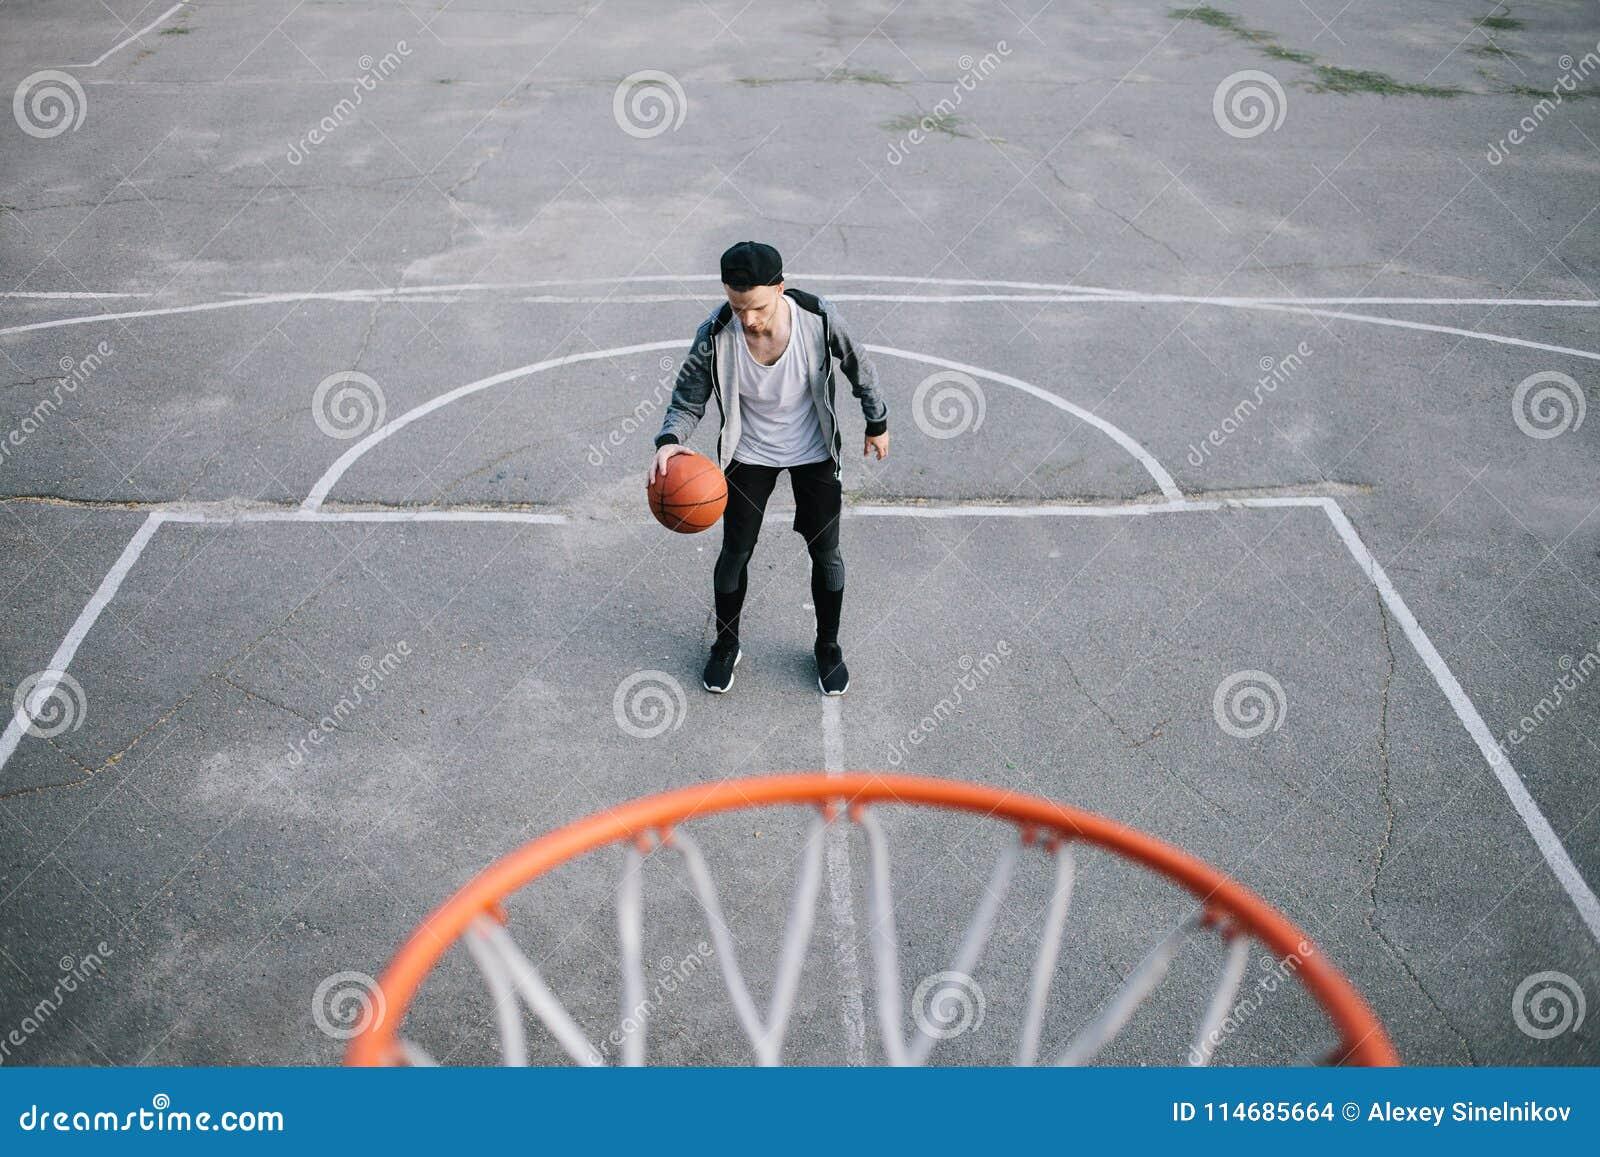 Los jugadores de básquet